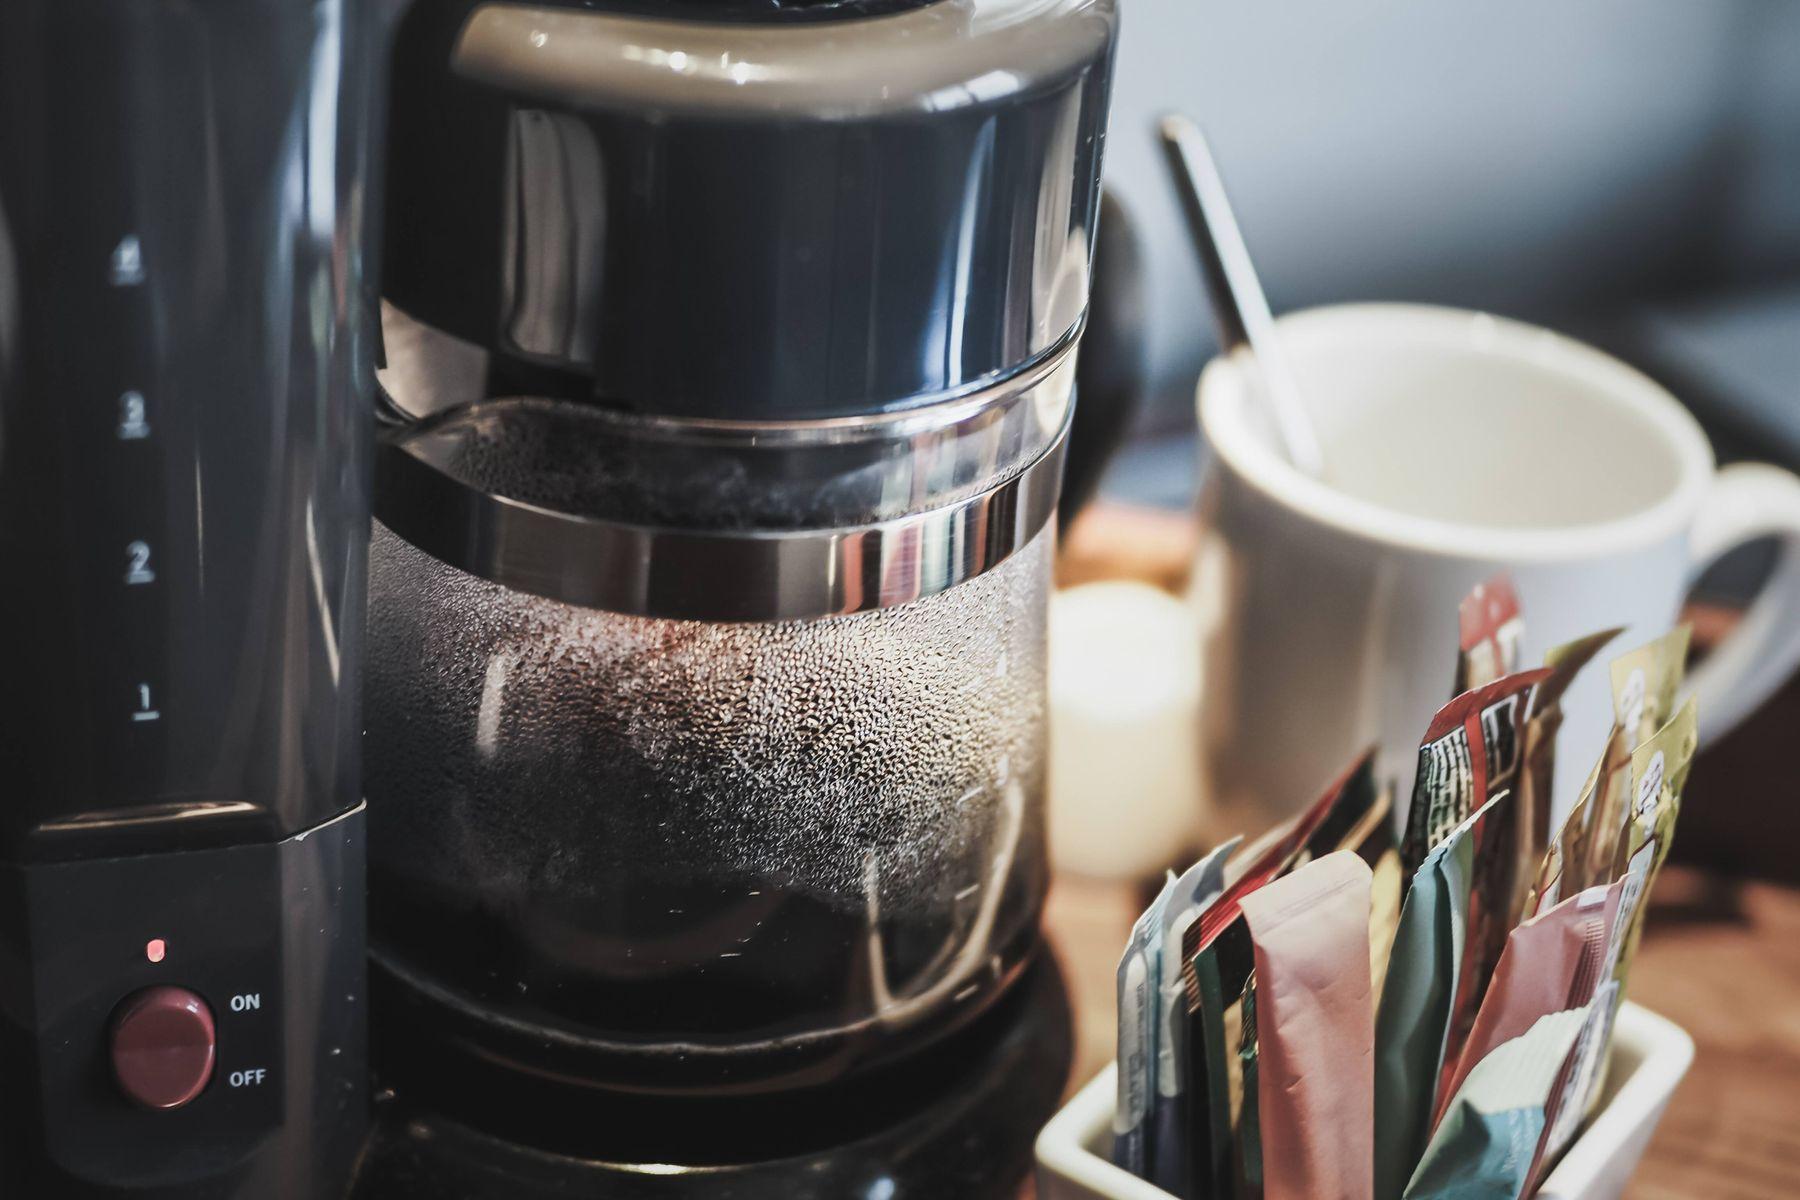 Kahve Makinesi Nasıl Temizlenir?